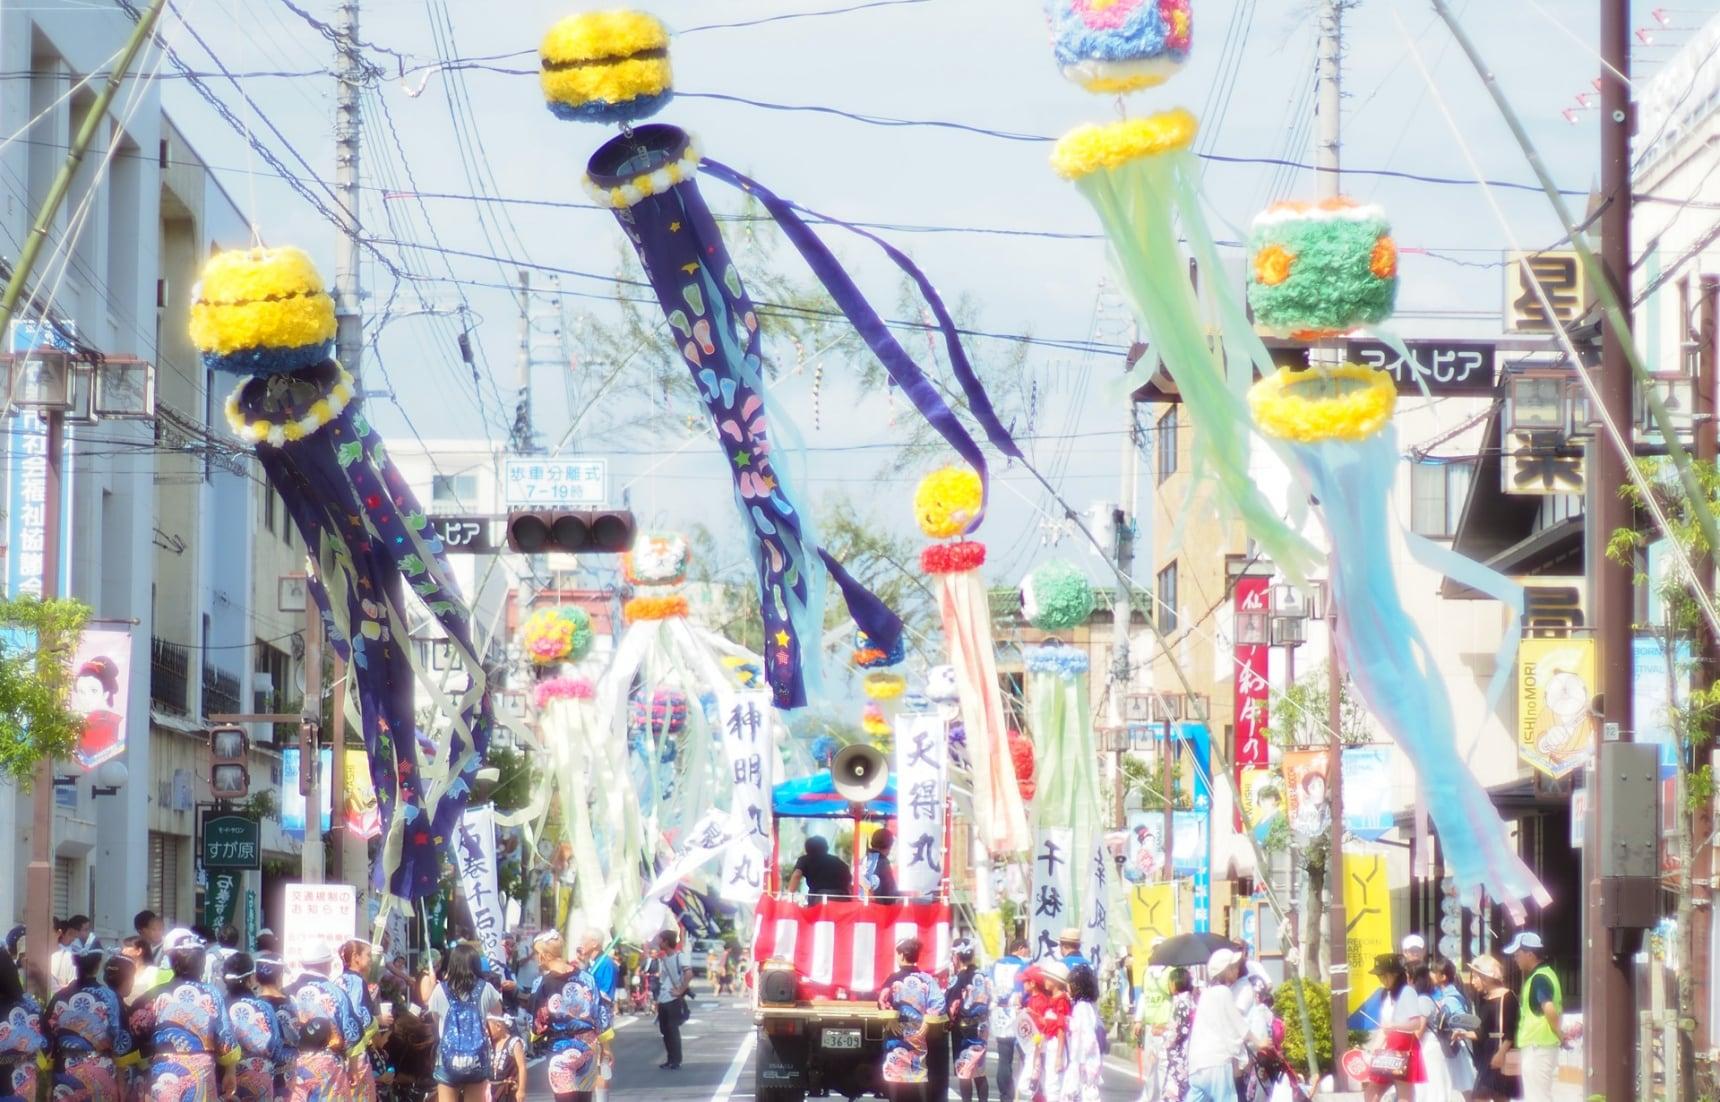 ลองสัมผัสญี่ปุ่นแบบใหม่ๆ ที่ฟุคุชิมะและมิยางิ